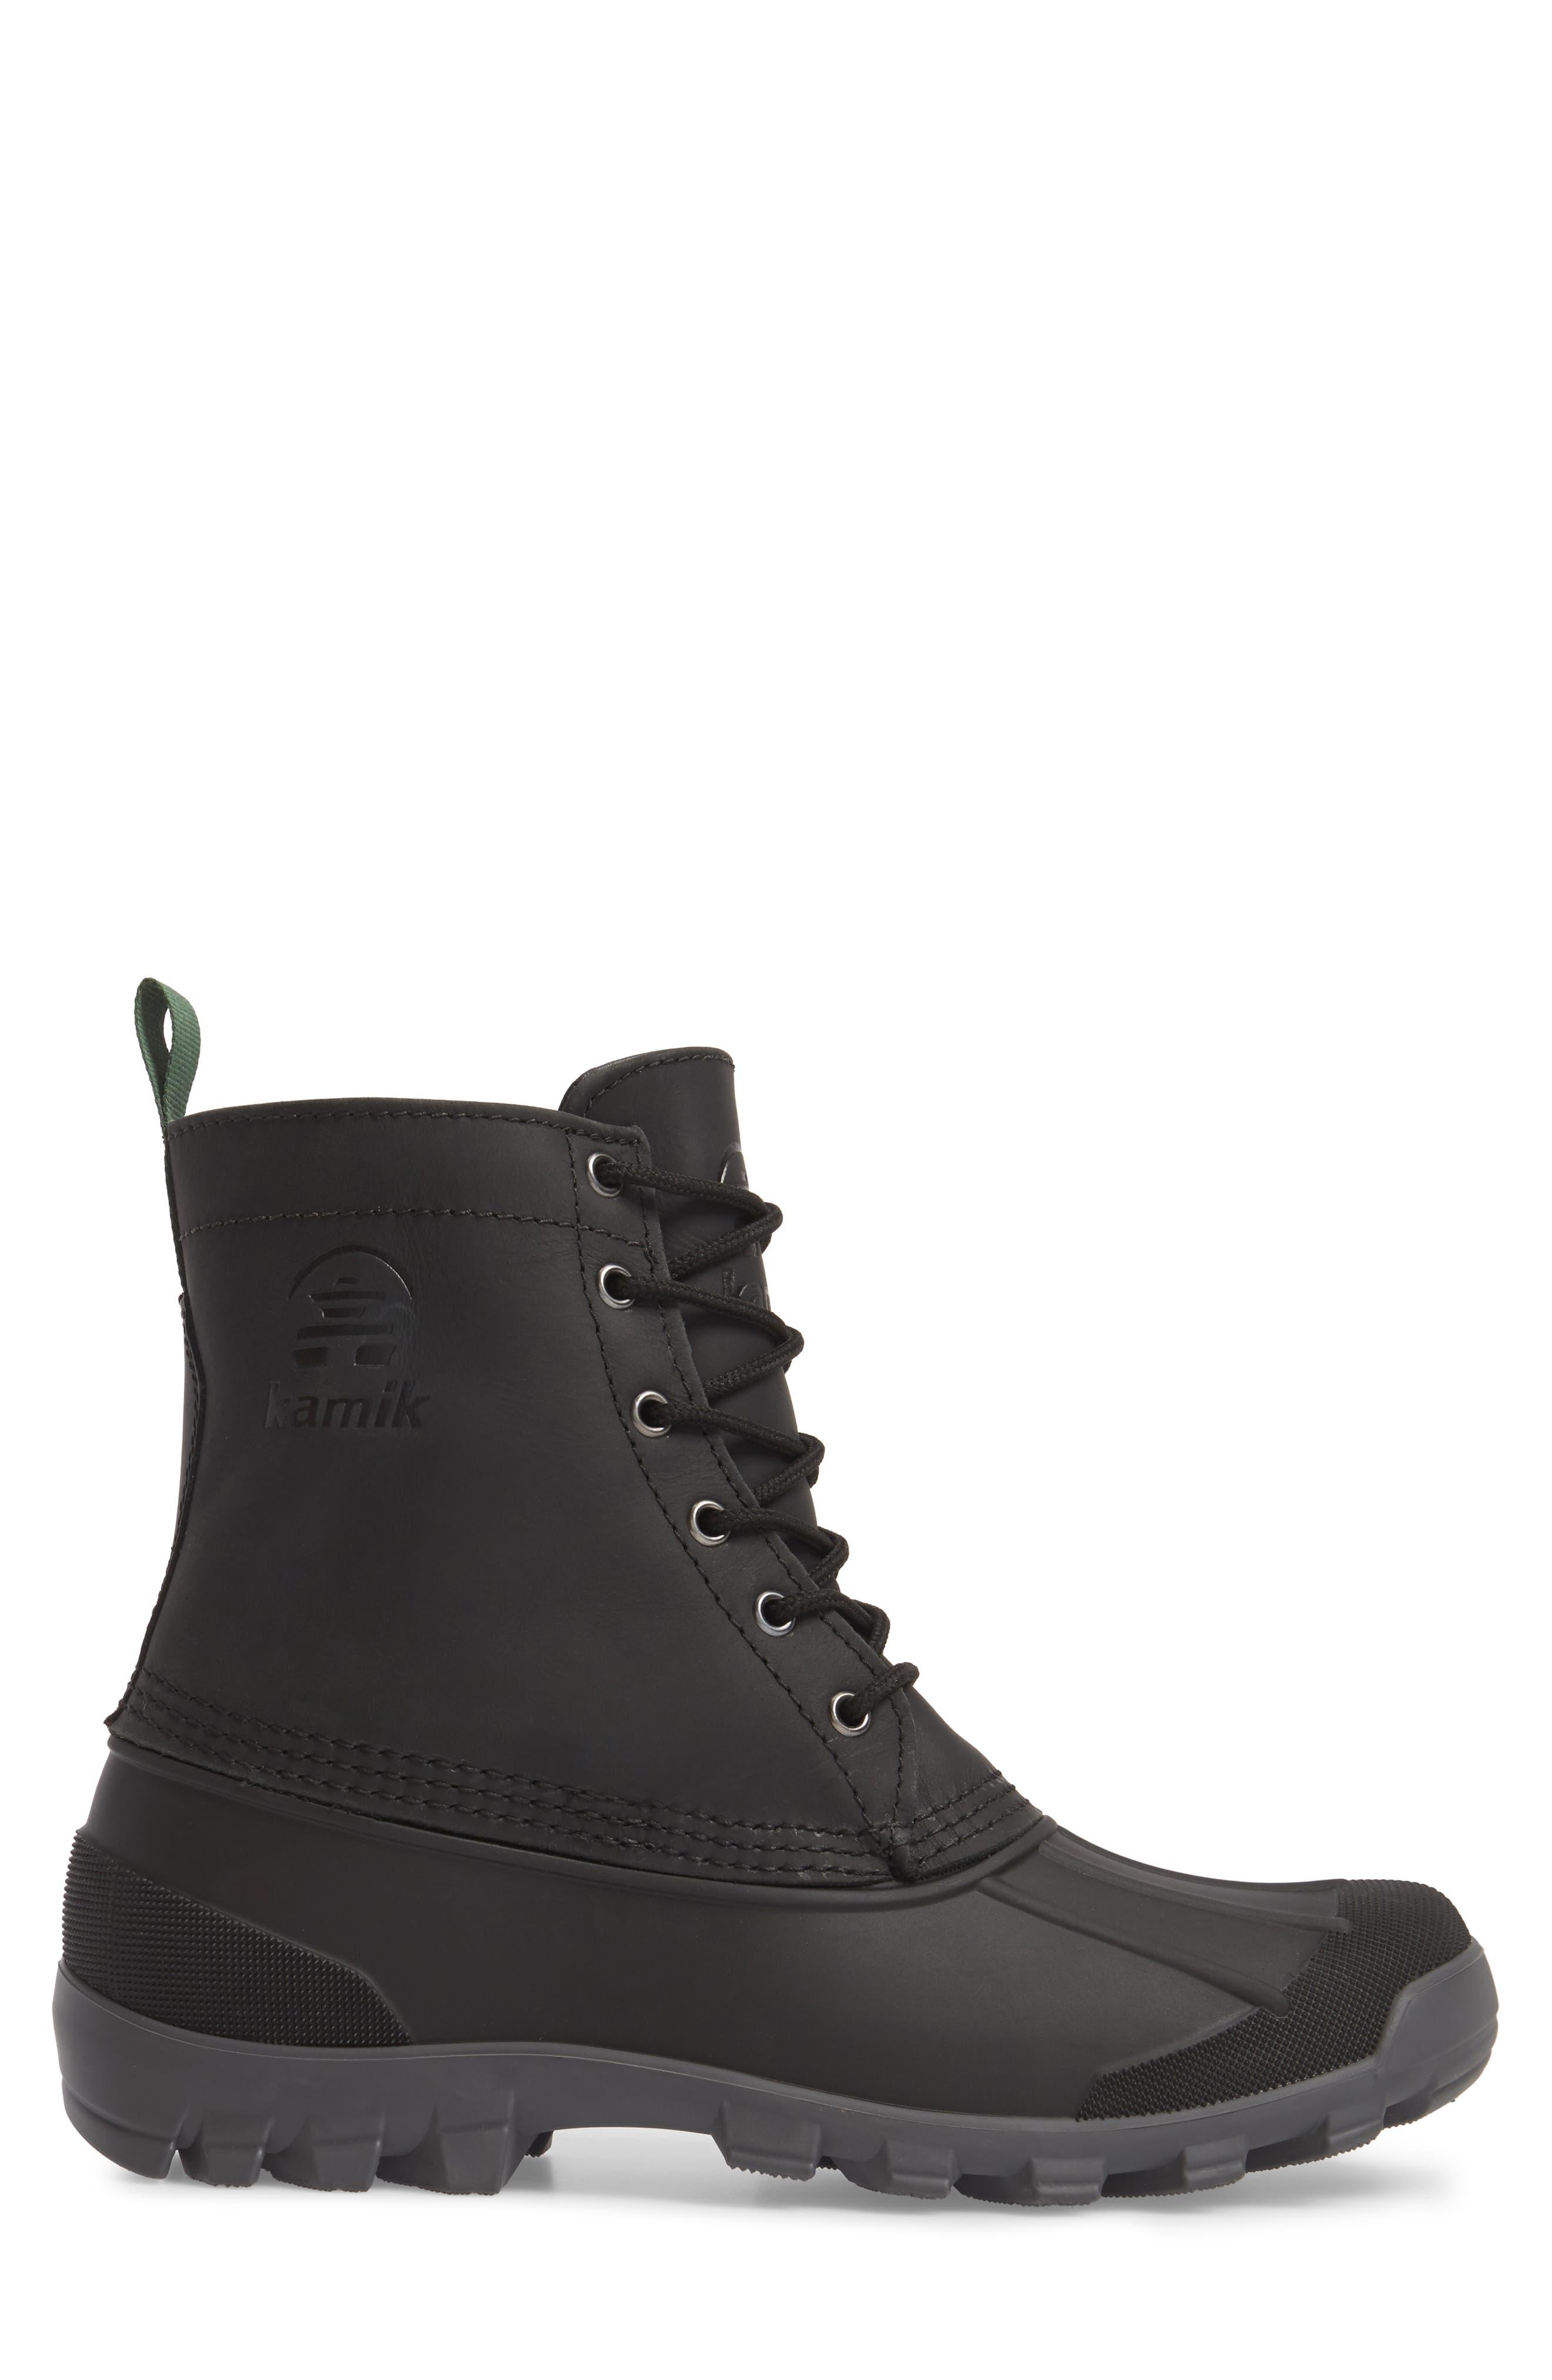 Alternate Image 3  - Kamik Yukon 6 Waterproof Insulated Three-Season Boot (Men)